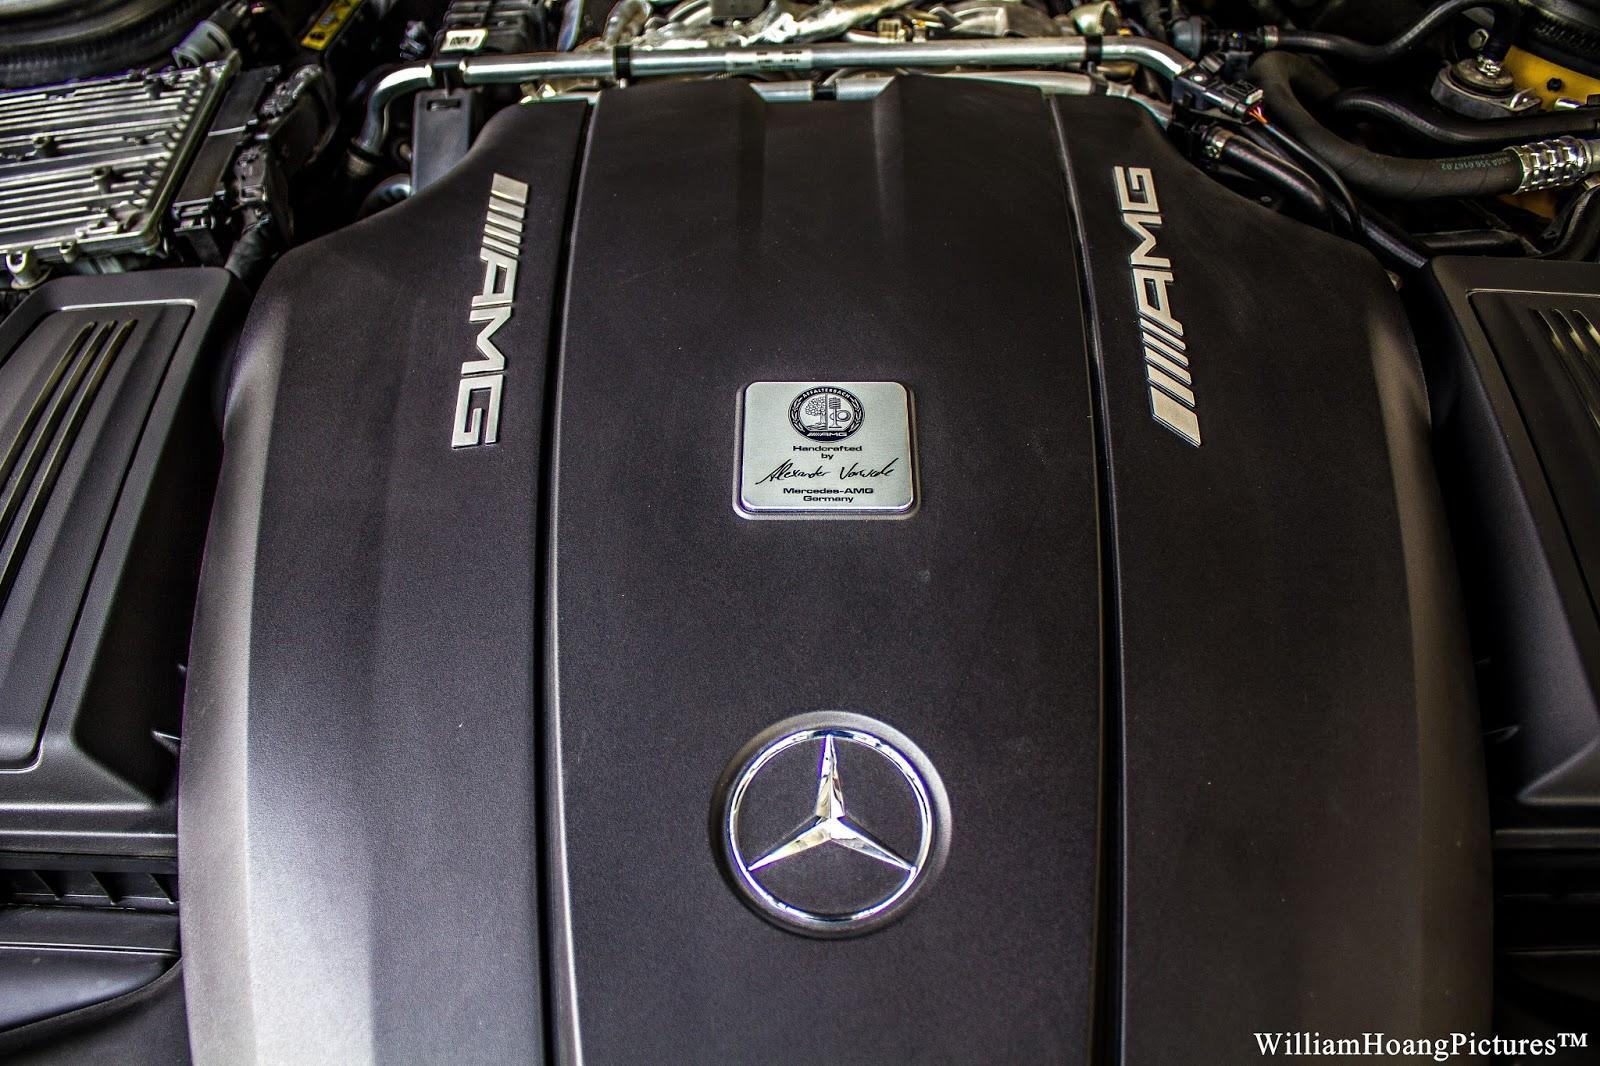 Động cơ cực mạnh có in chữ ký của kỹ sư Mercedes Benz AMG